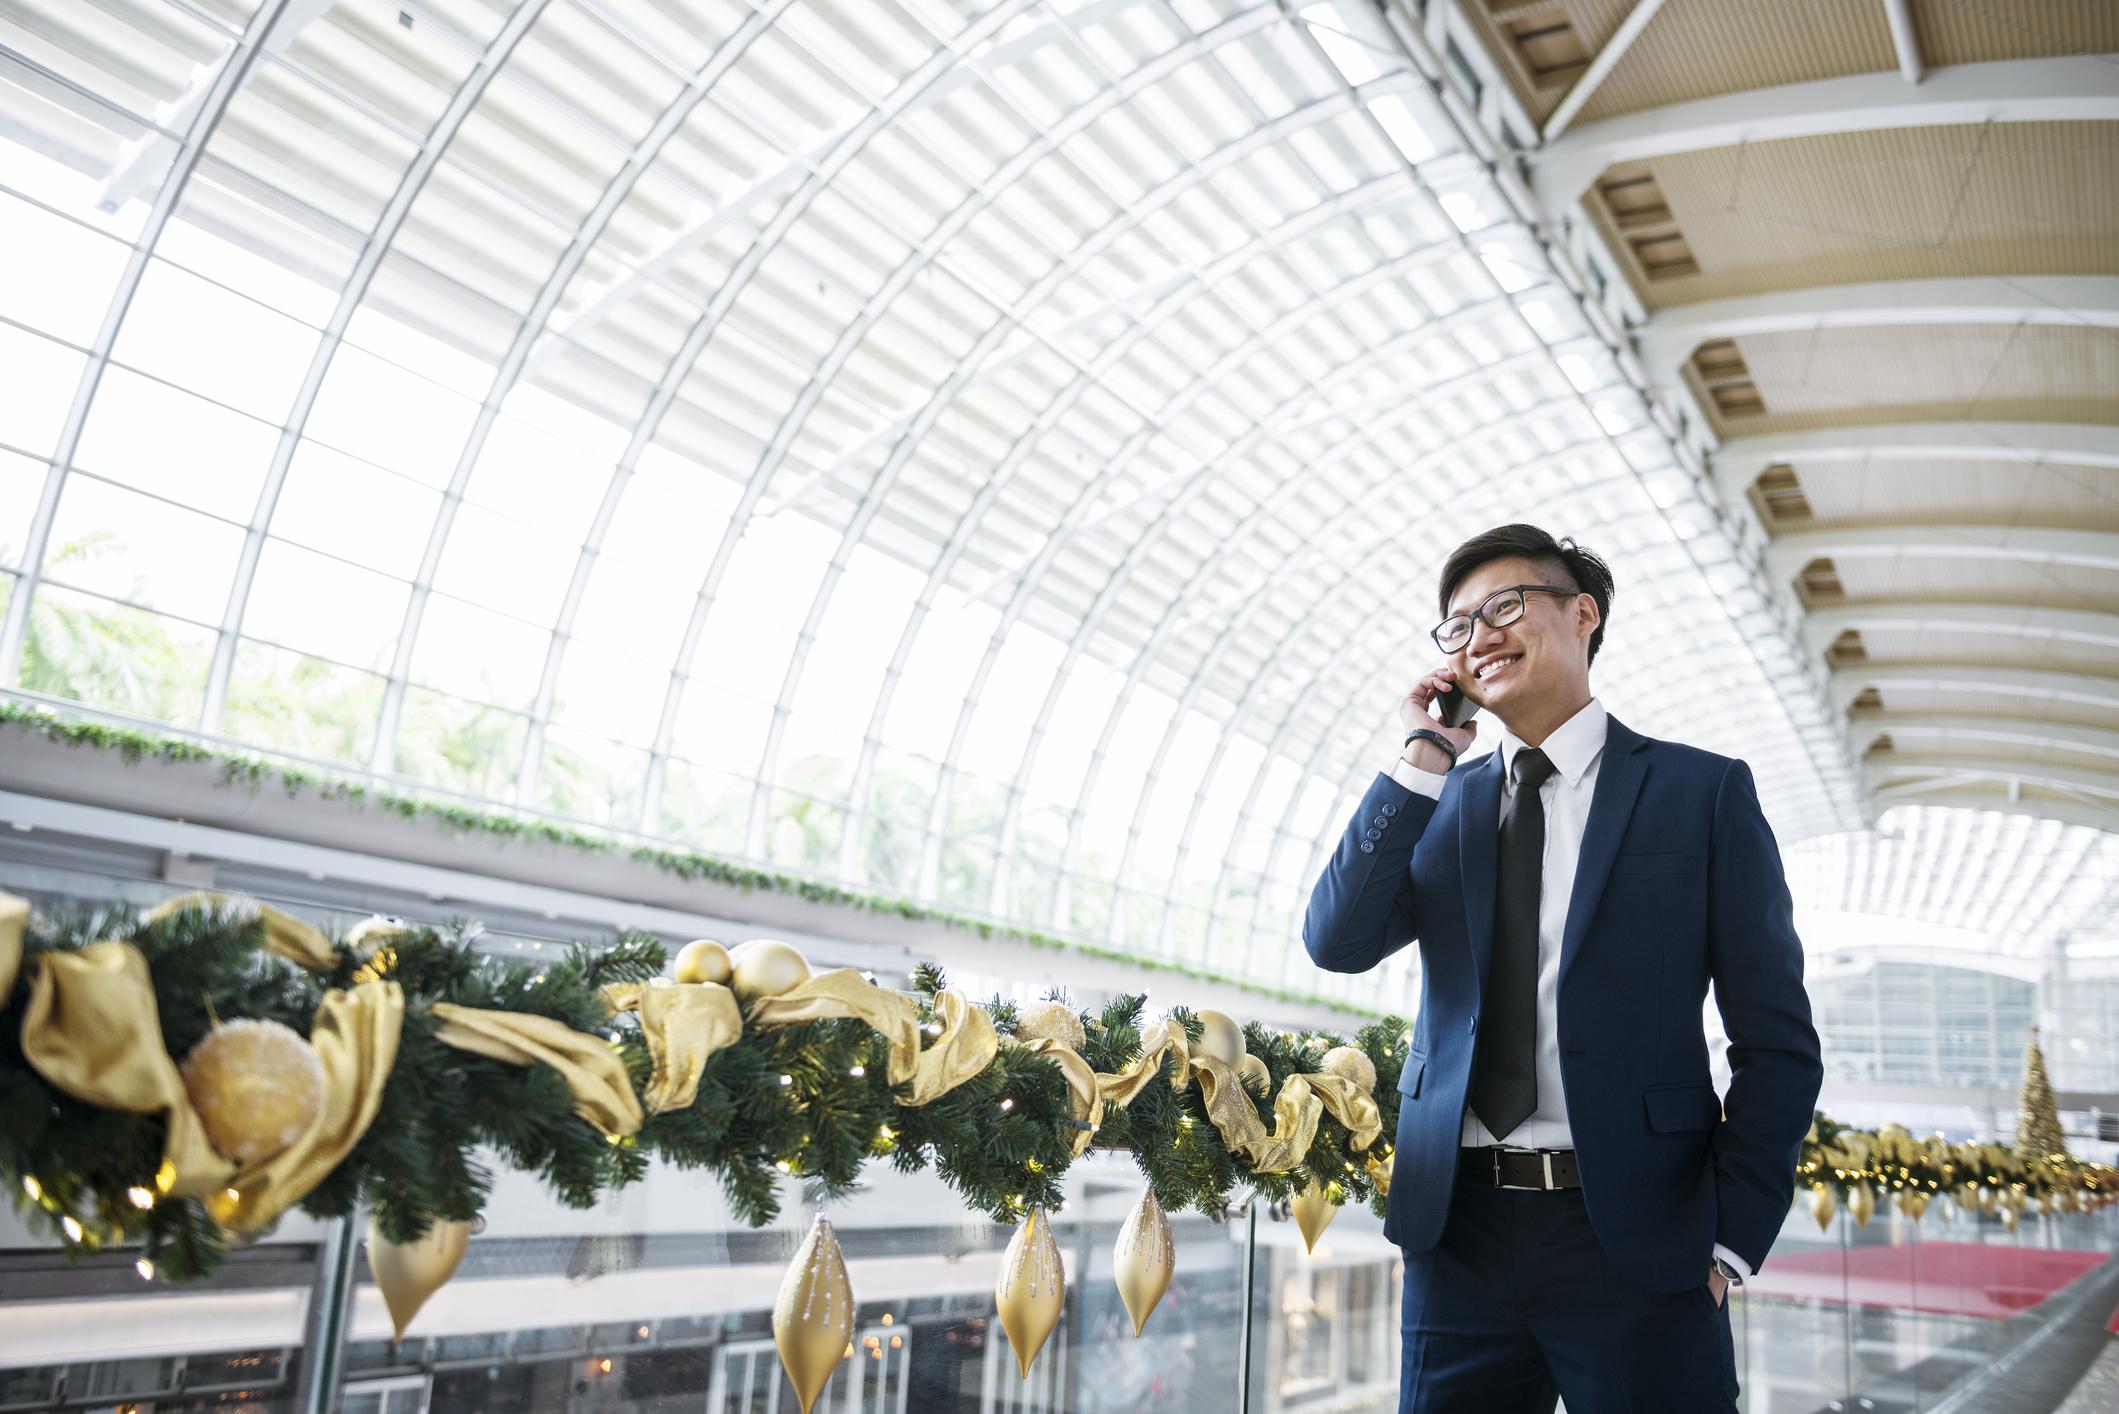 【ベトナム語・電気/電子経験者】ホーチミン拠点マネージャー候補 (日本給与水準)